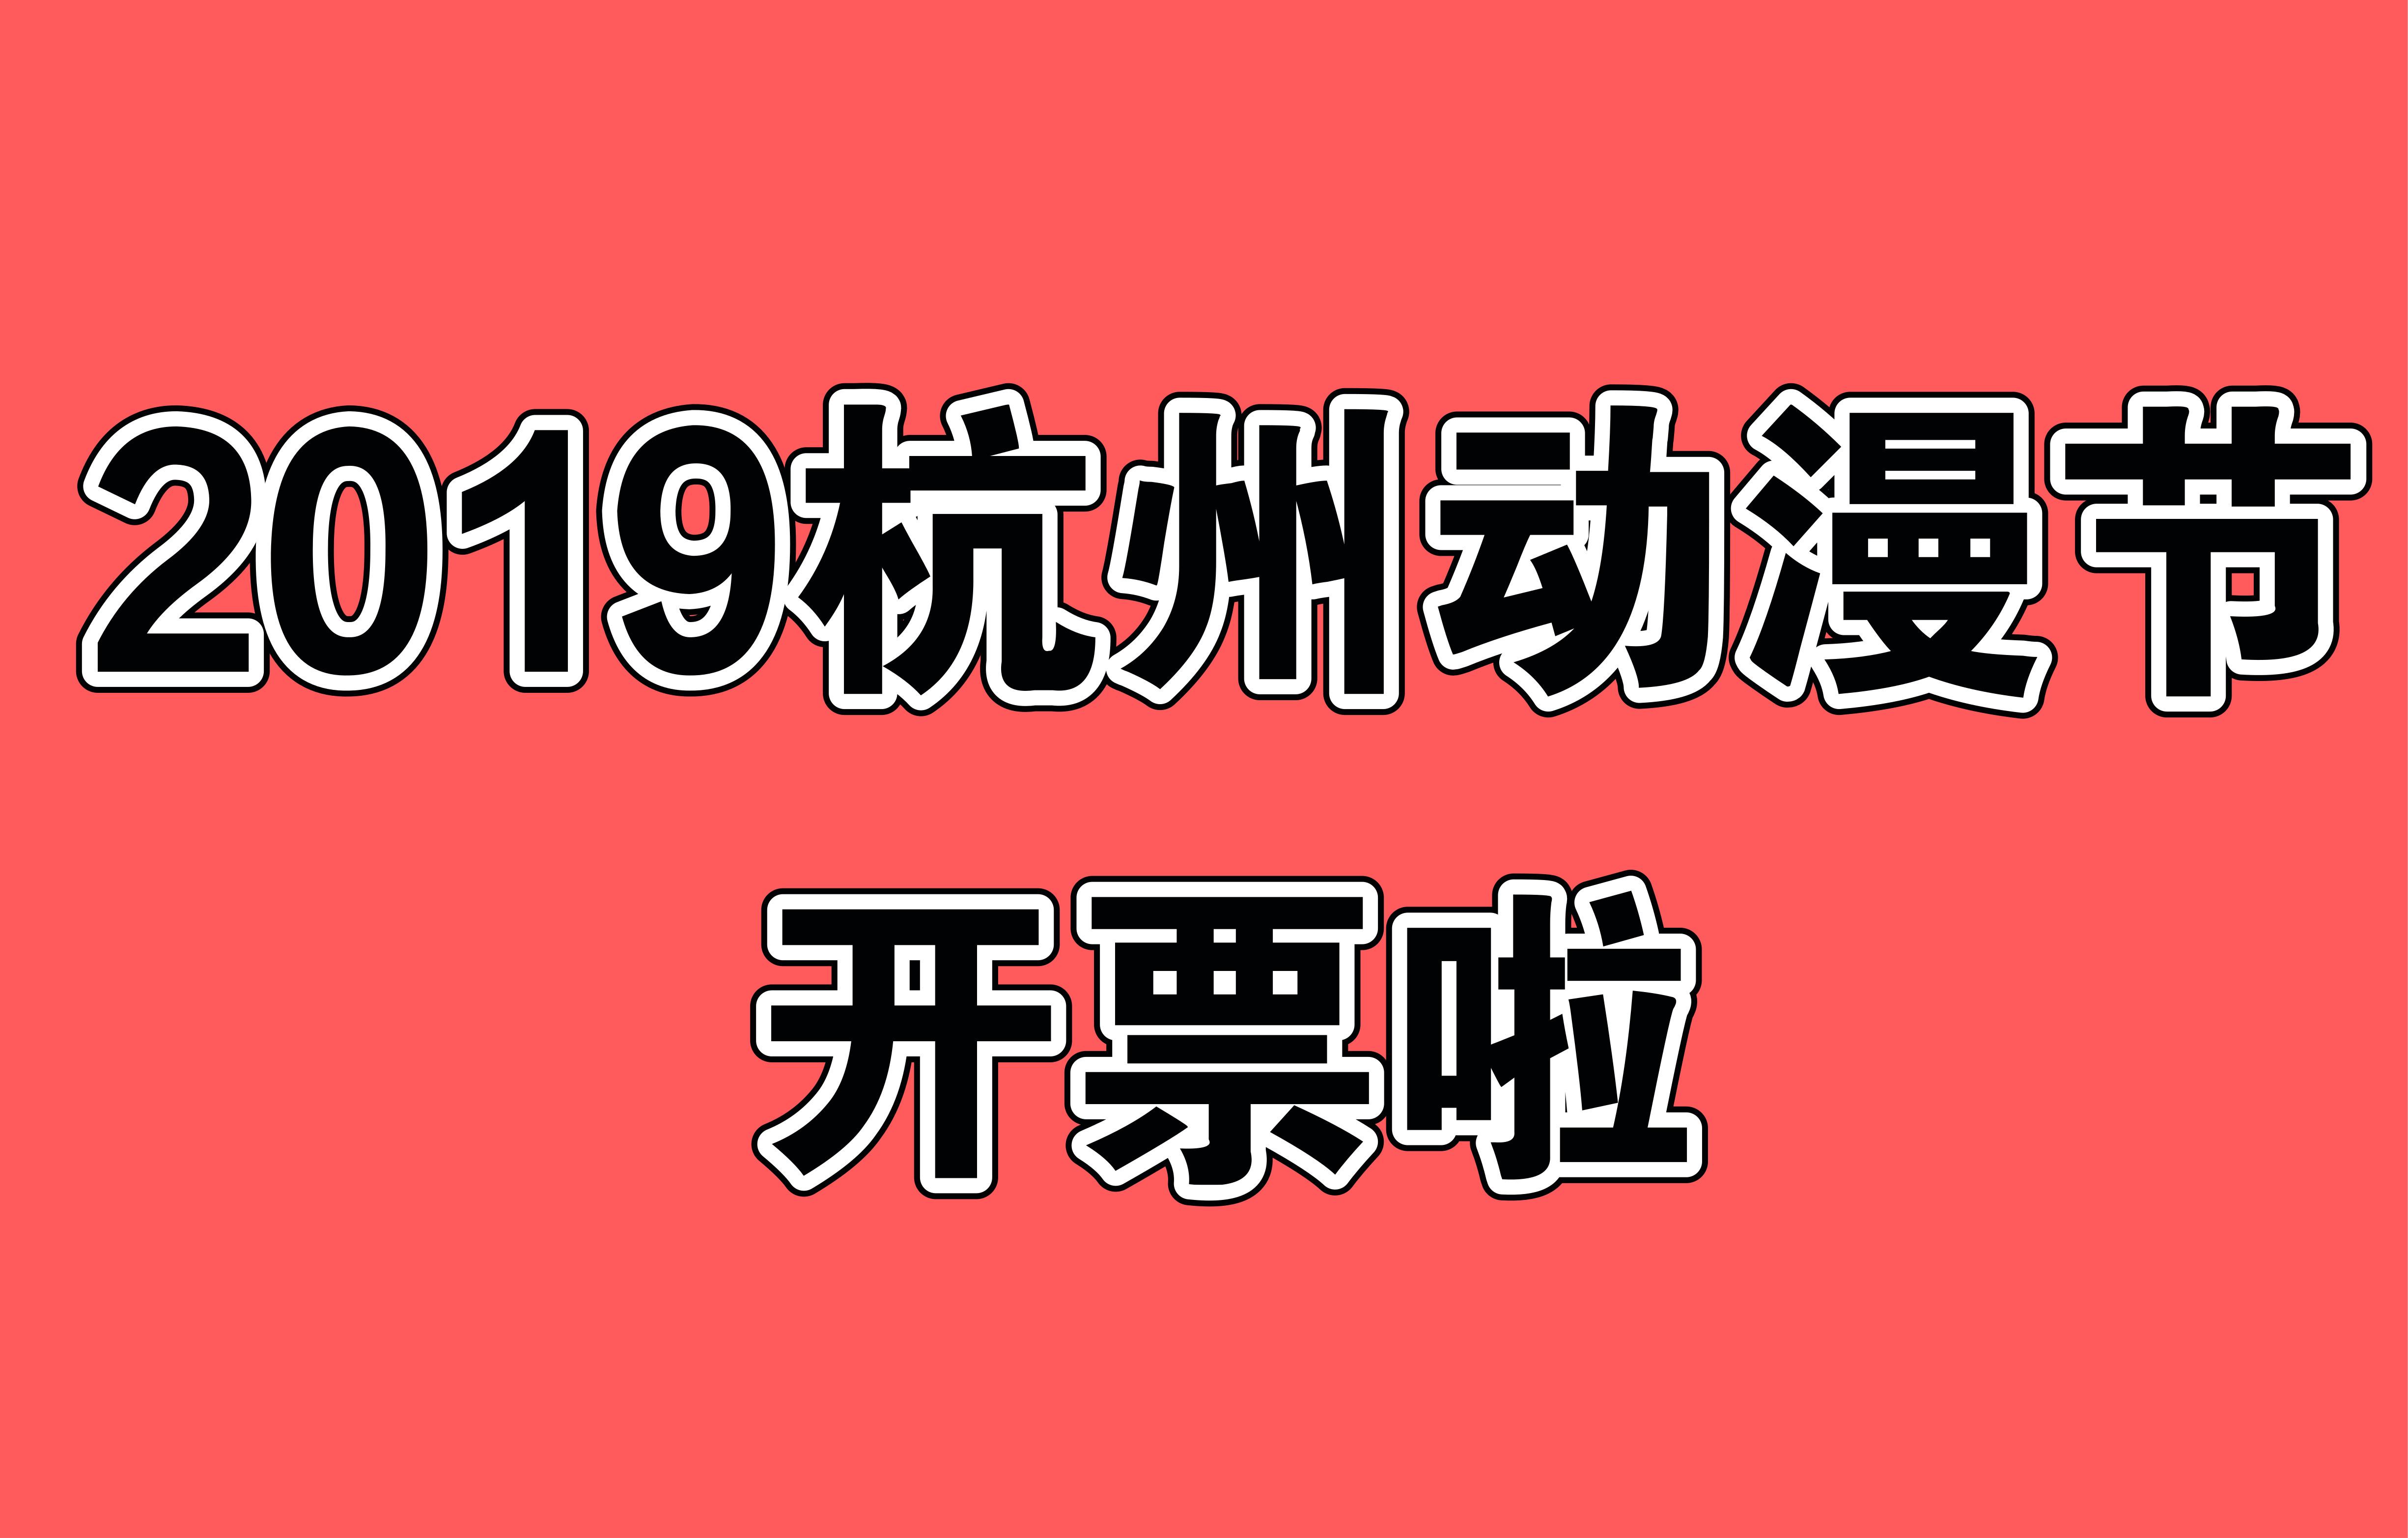 杭州动漫节开票啦!